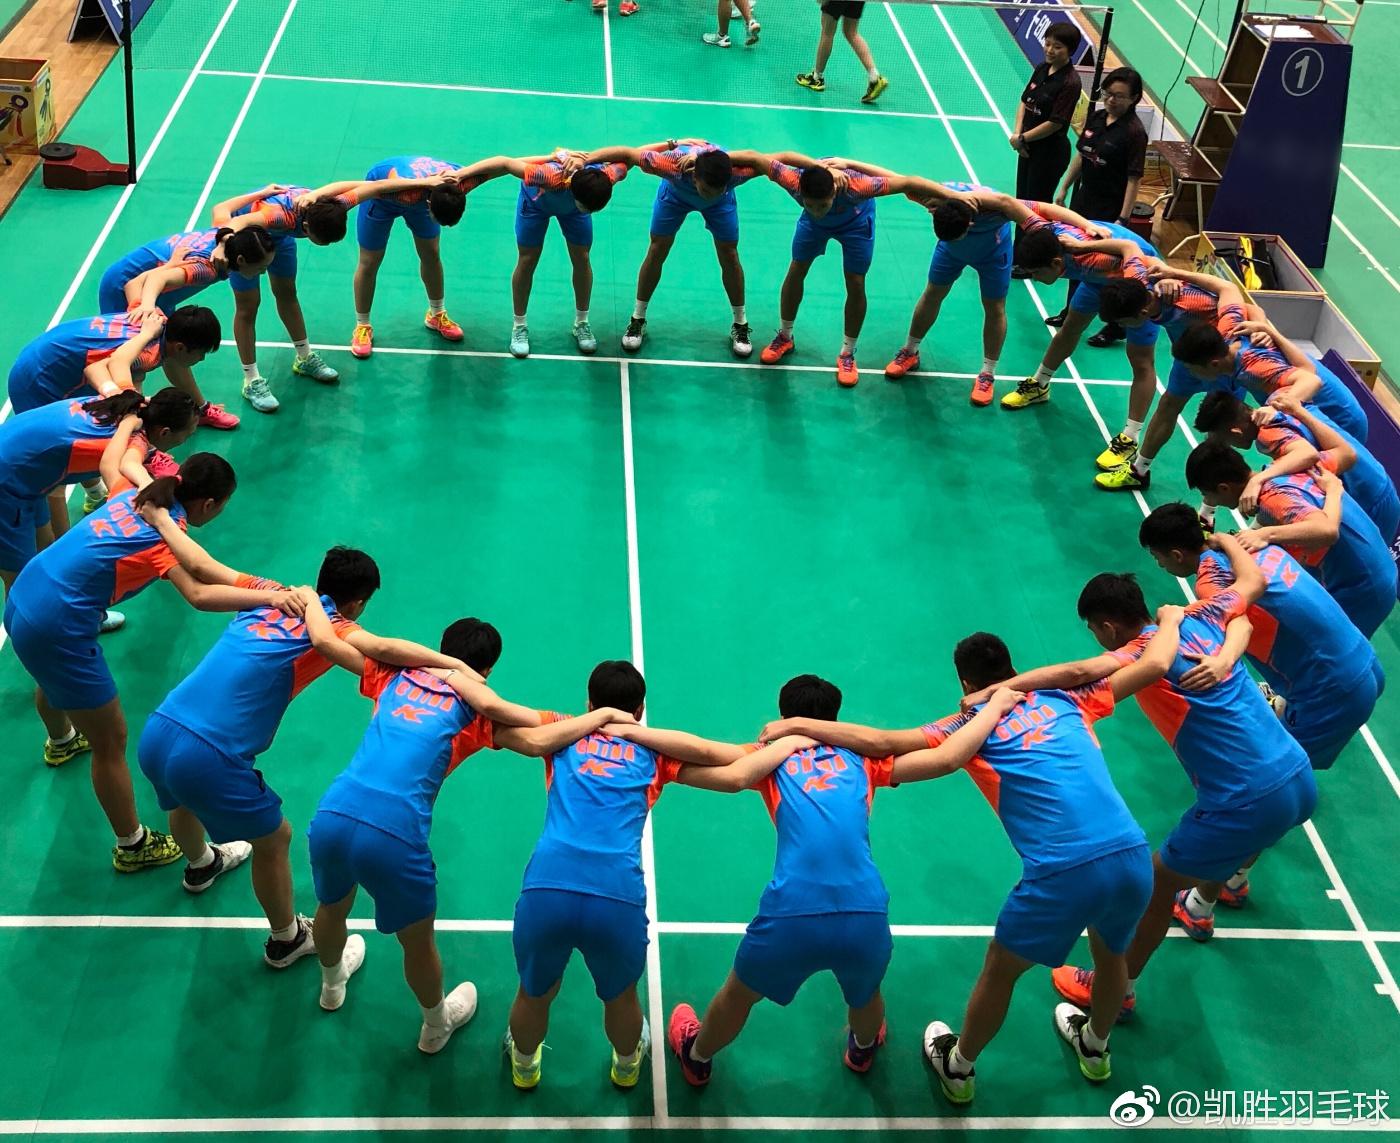 2018亚洲青年羽毛球锦标赛开赛首日 小将仍需磨炼